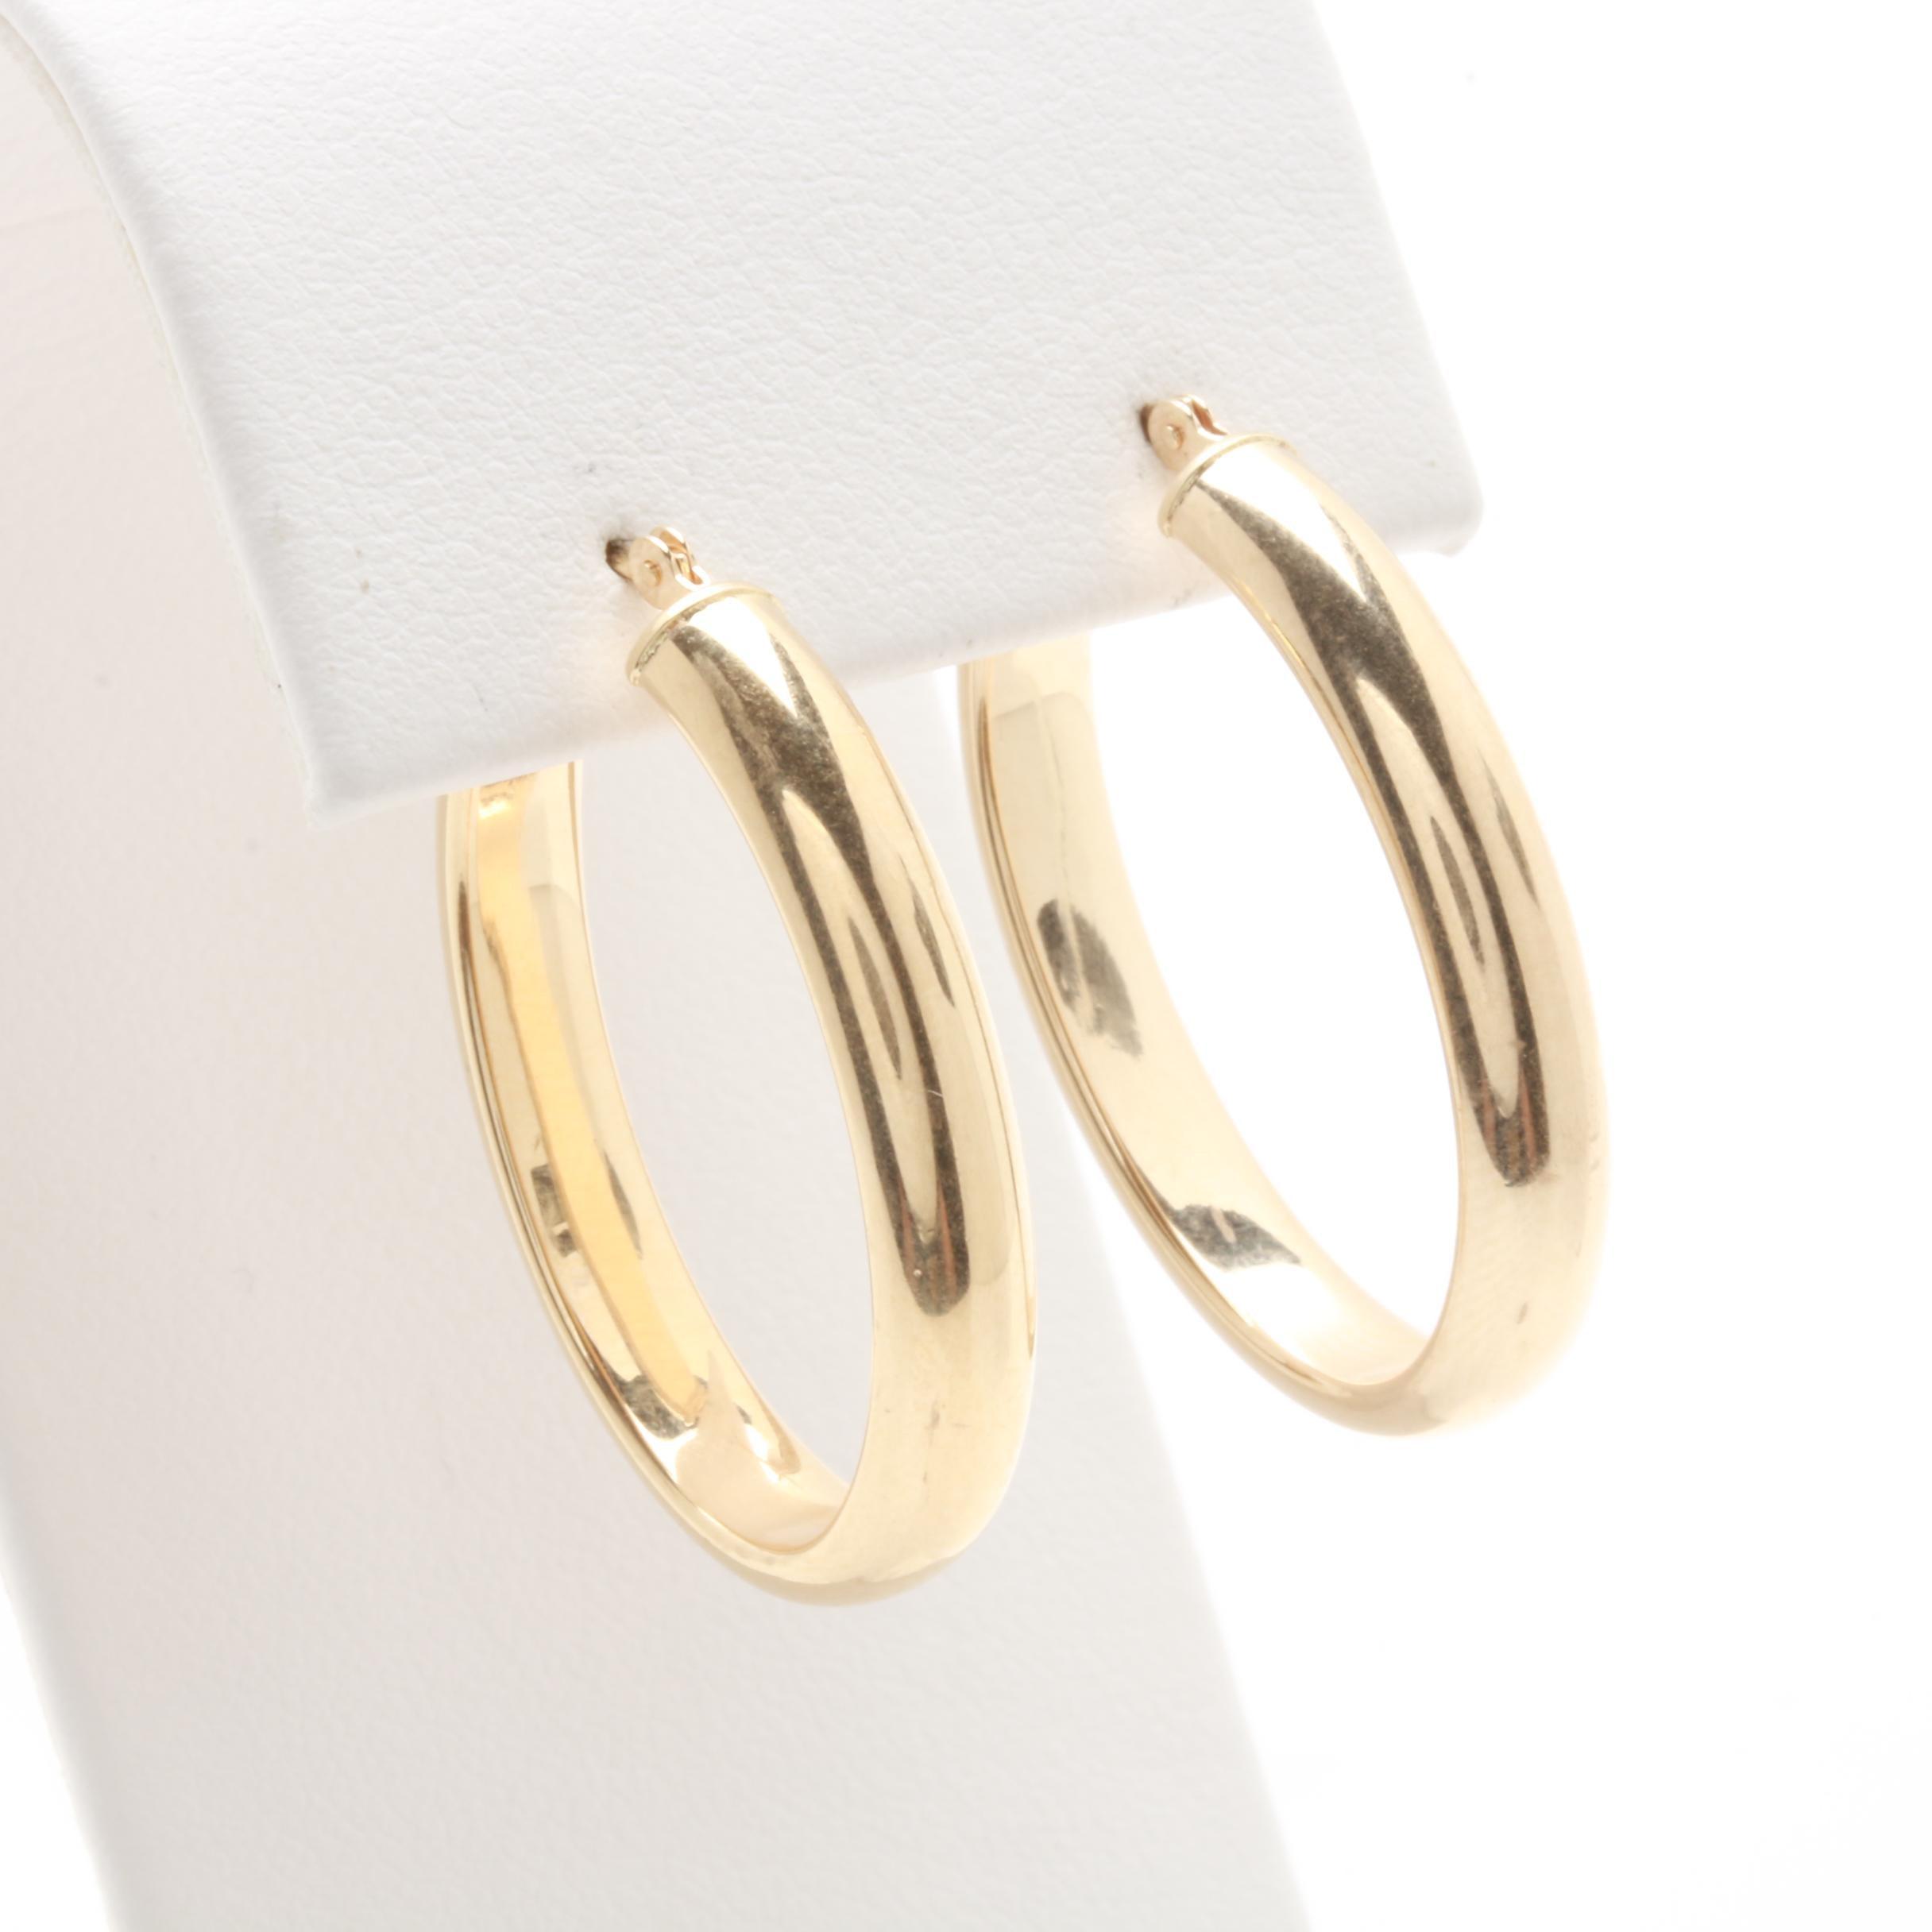 14K Yellow Gold Oval Hoop Earrings